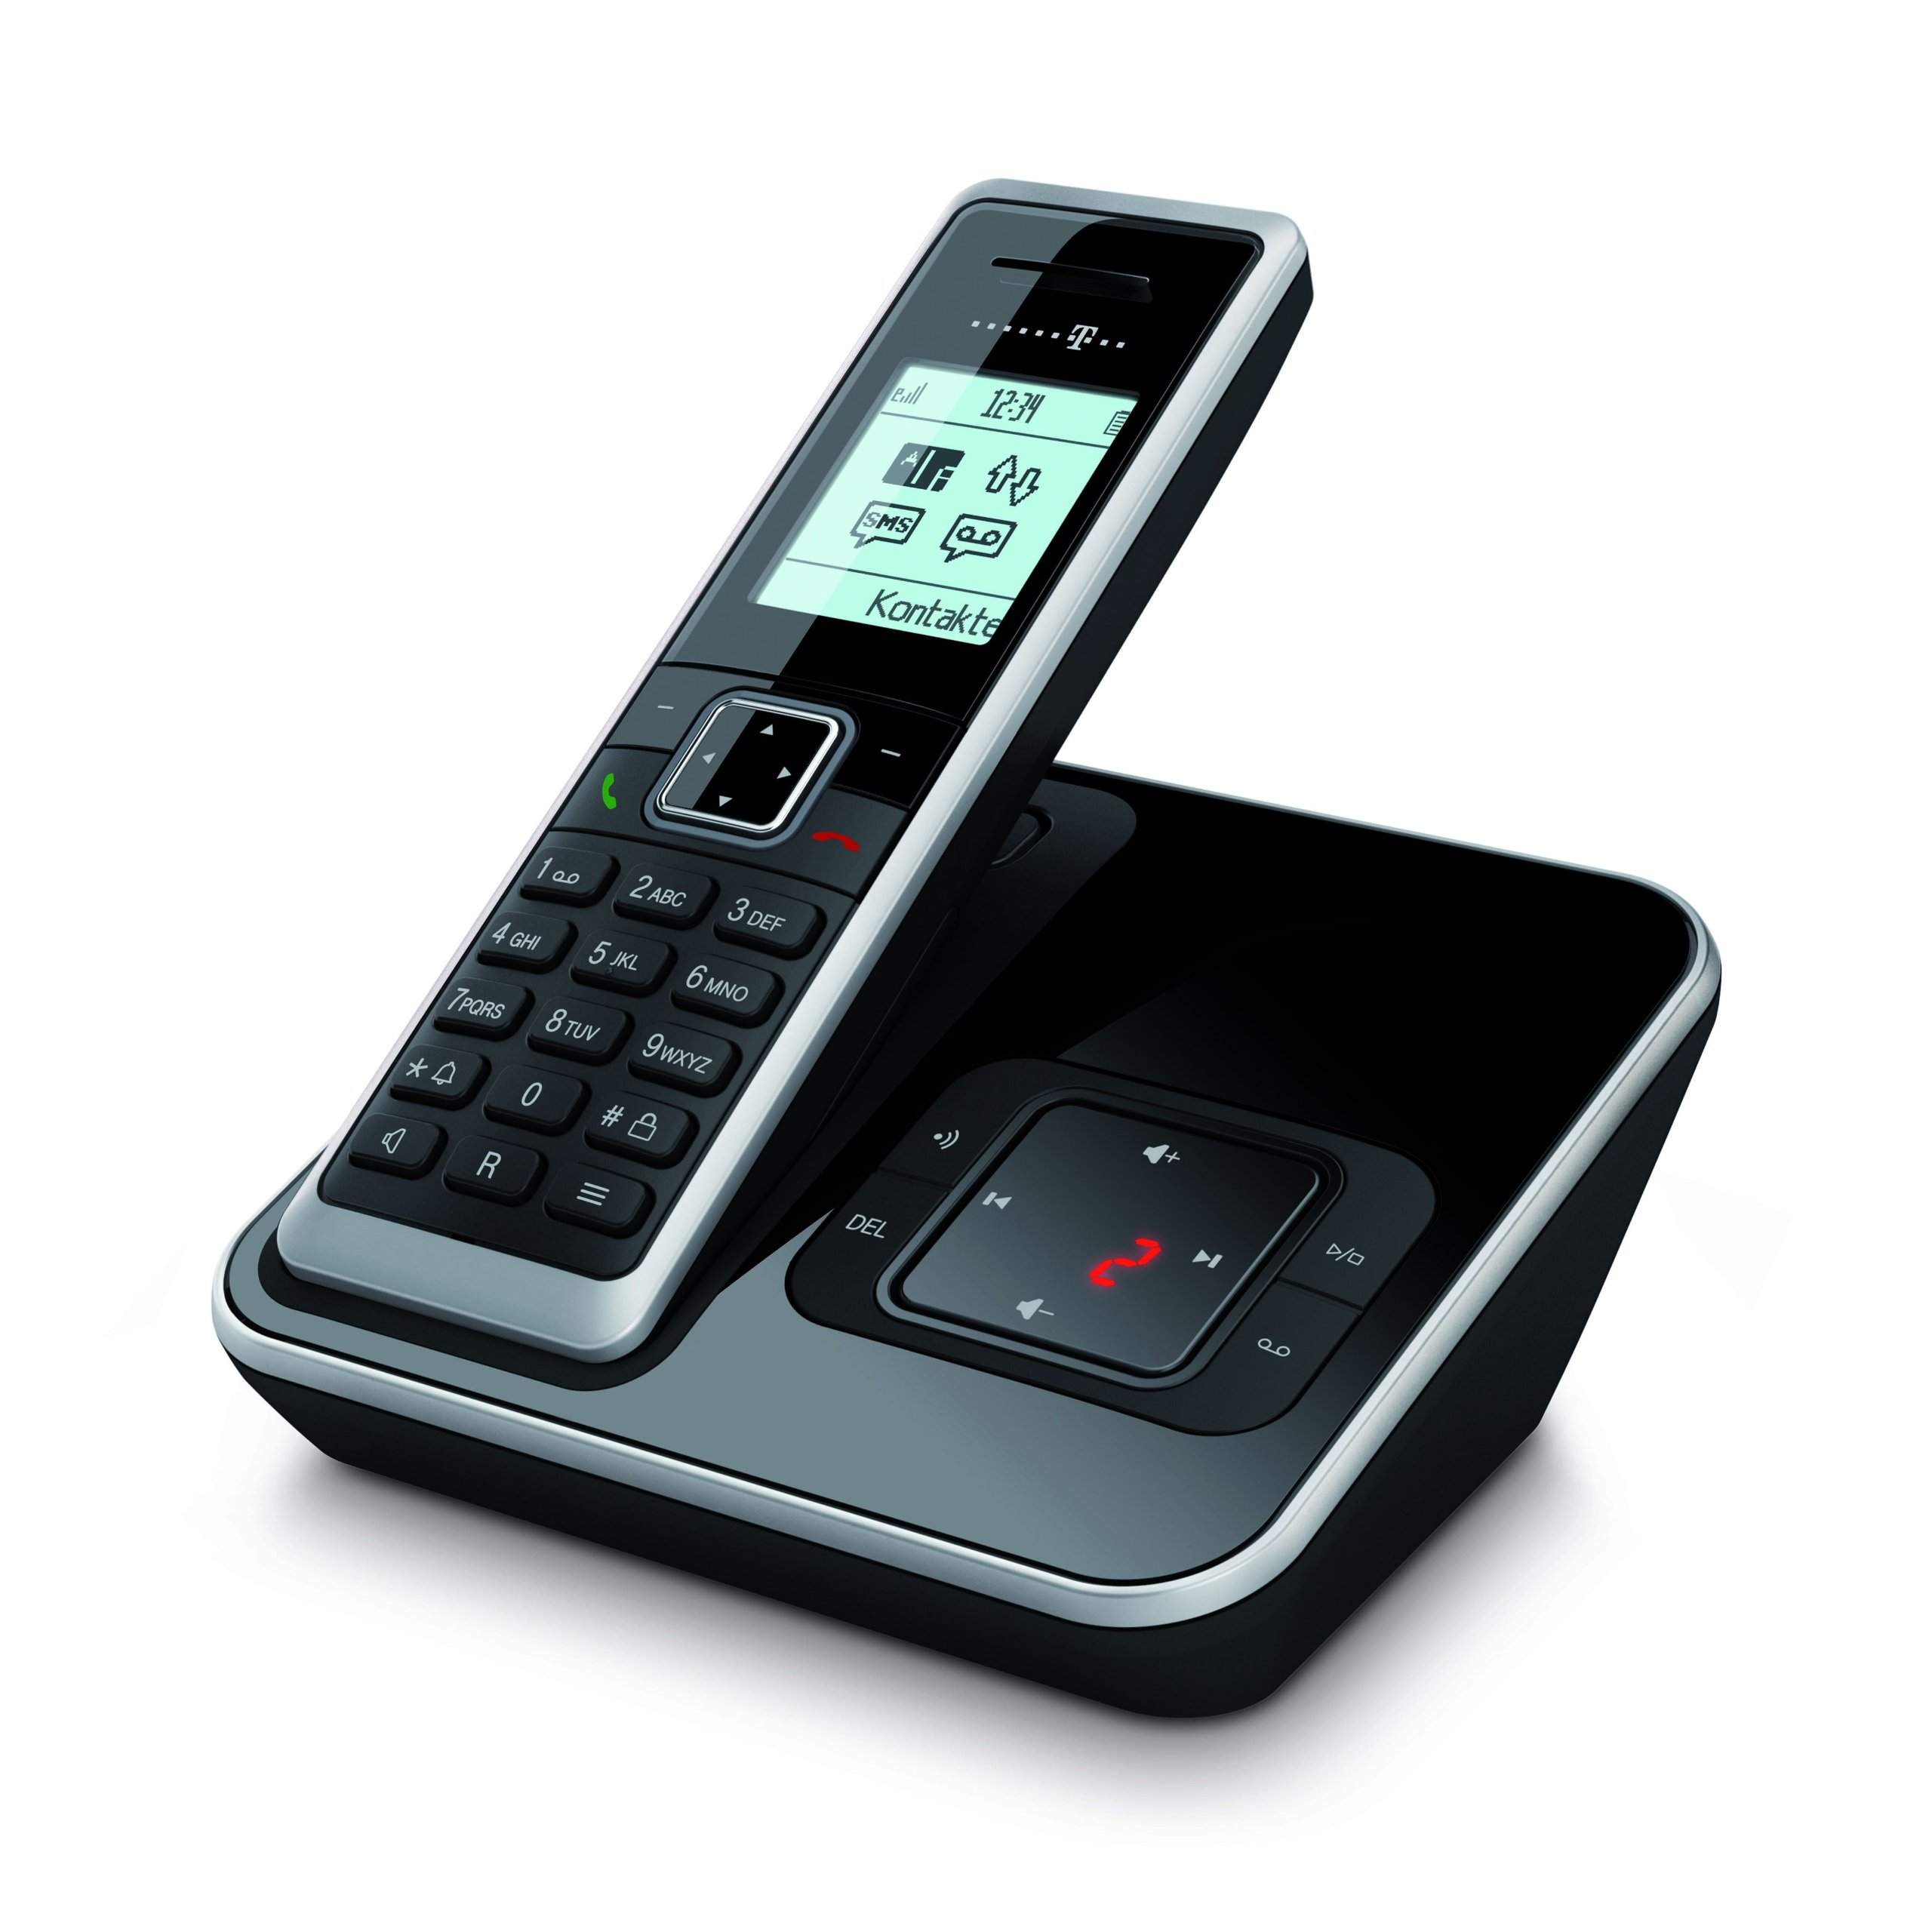 Telekom Sinus A206 - Teléfono inalámbrico (DECT, GAP), color negro y plateado: Amazon.es: Electrónica